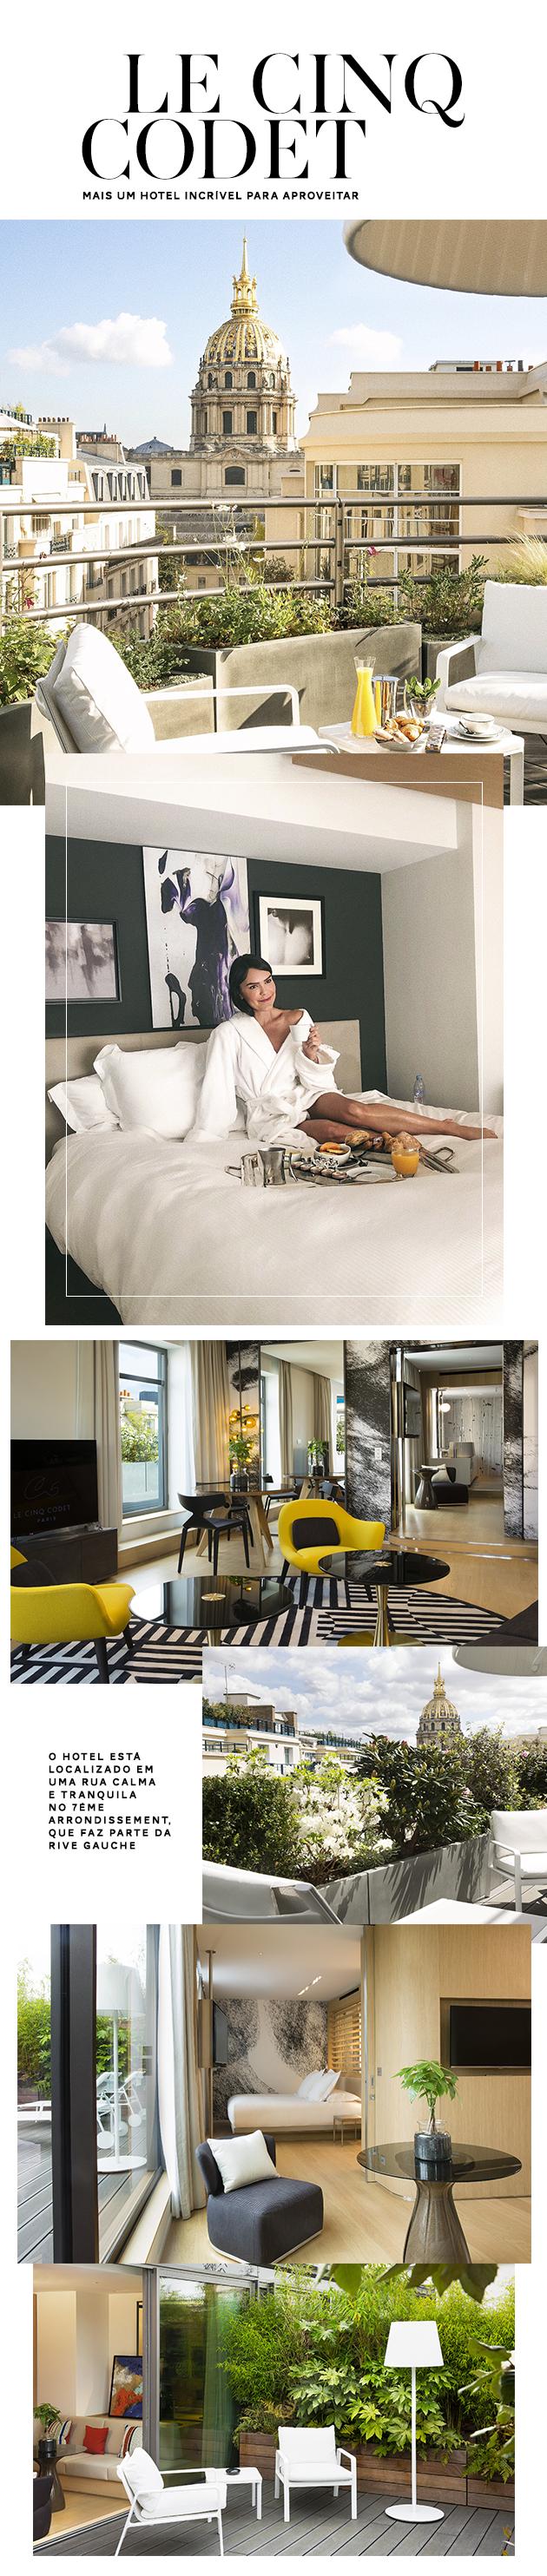 Hotel-Le-Cinq-Codet-Paris-Onde-ficar-hospedado-dicas-hotéis-roteiro-Paris